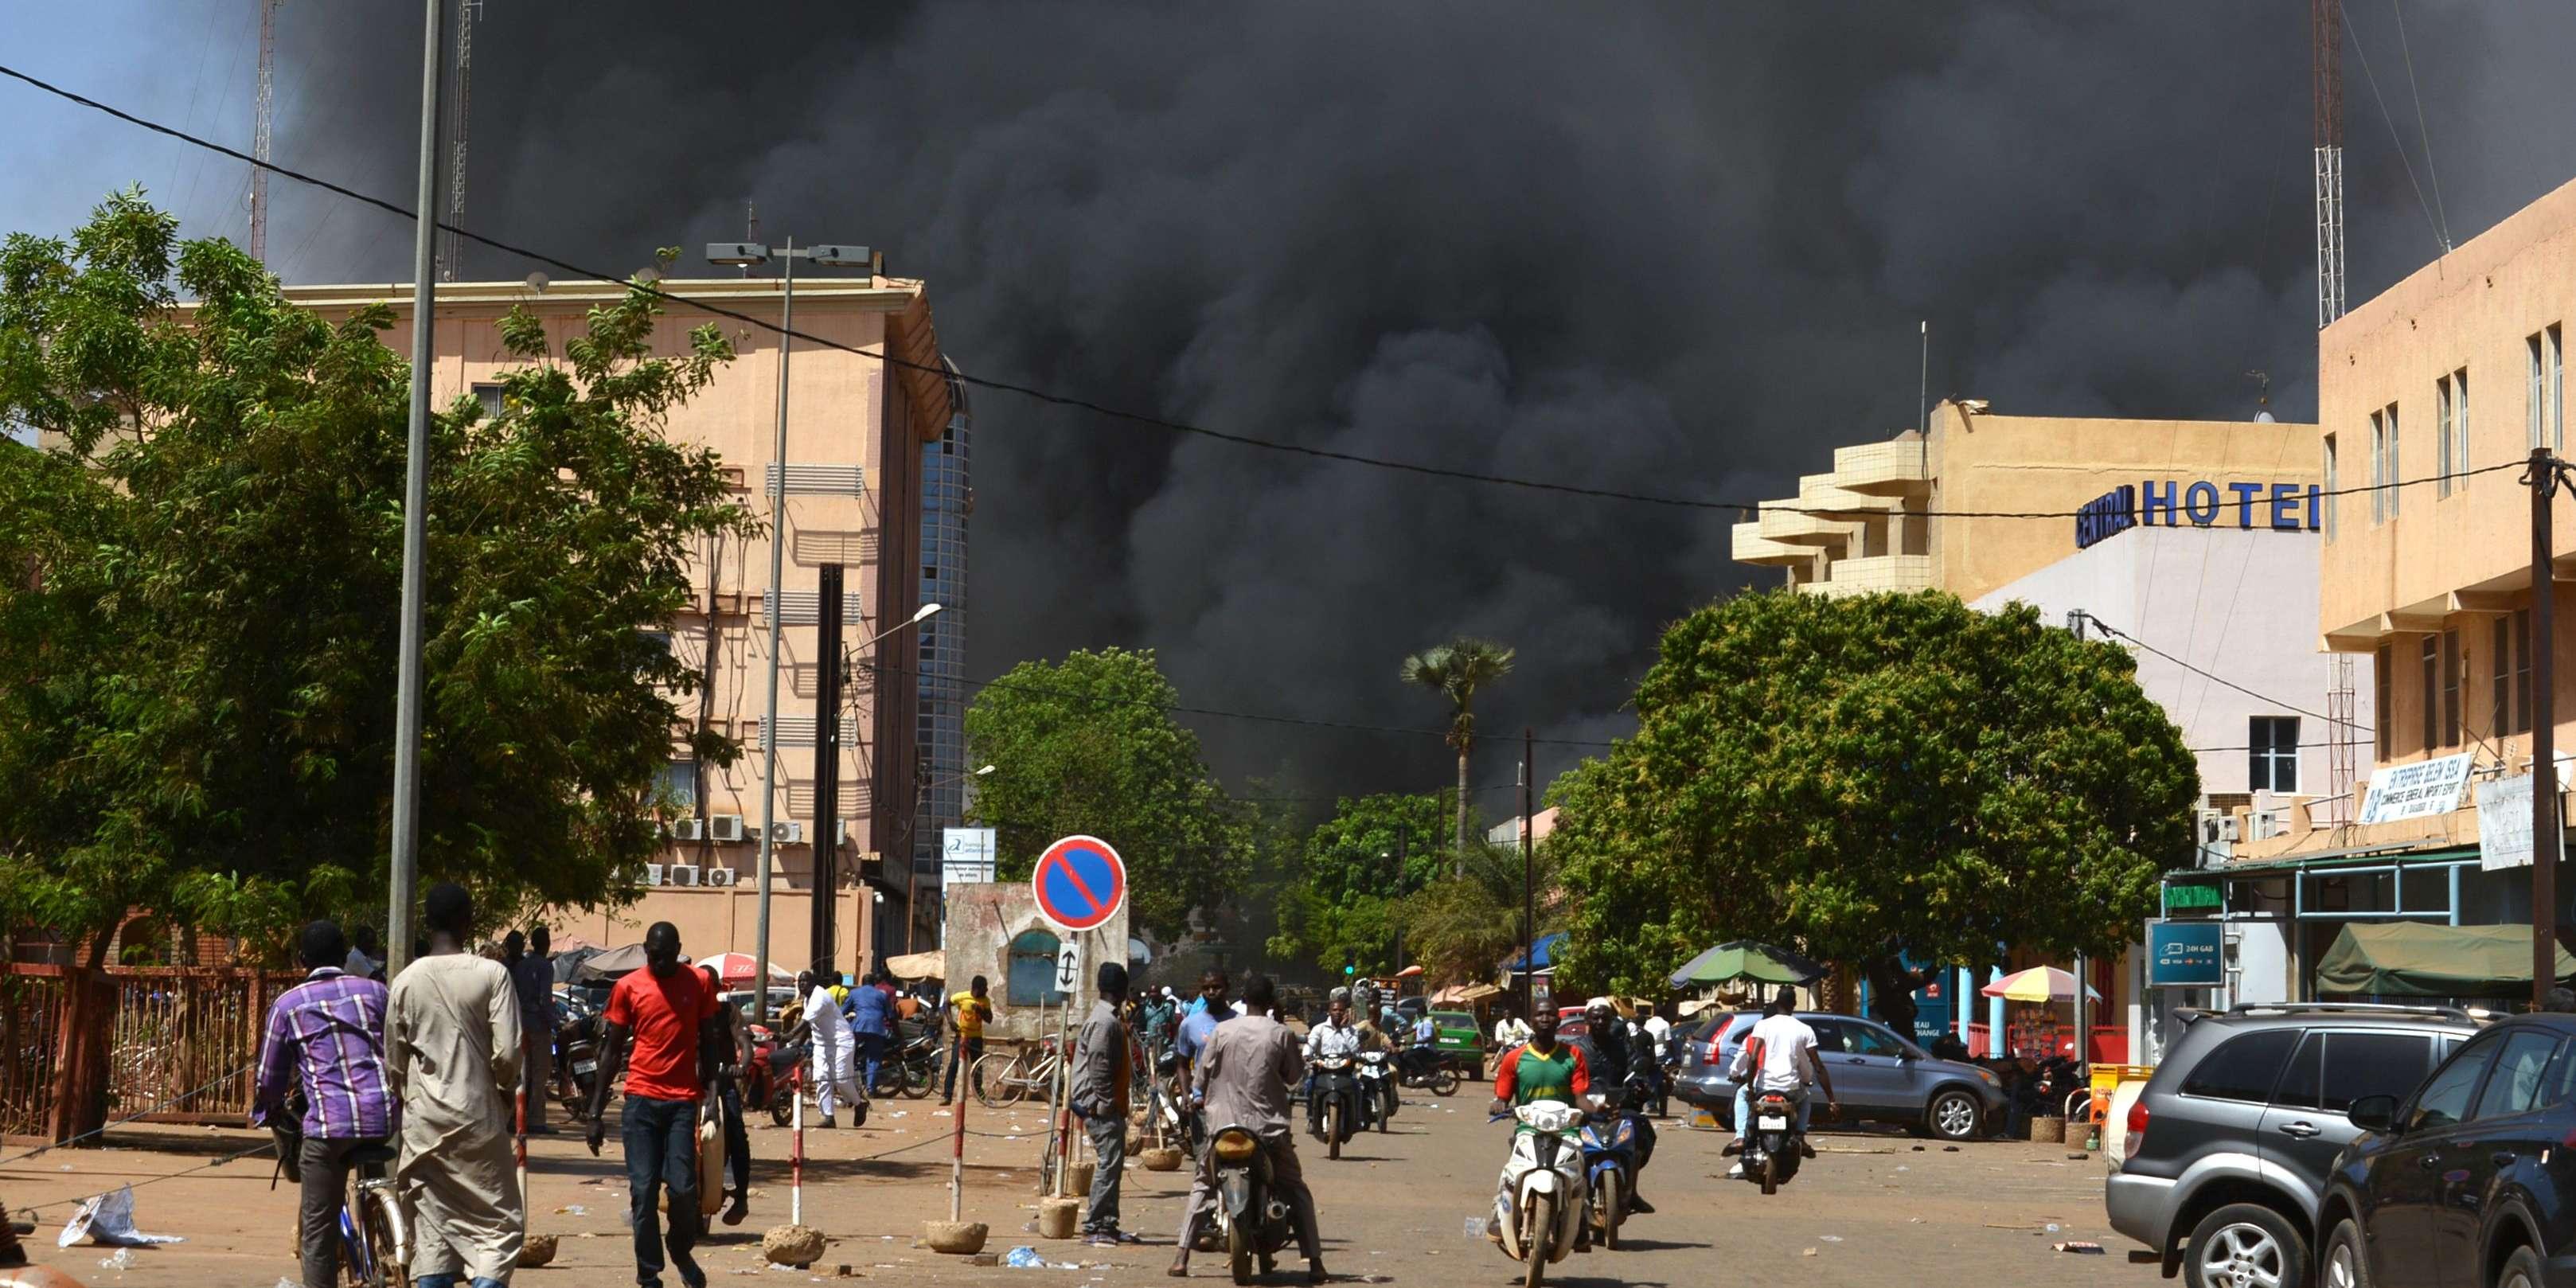 URGENT : incident armé, cette nuit, à Ouagadougou, au Burkina Faso